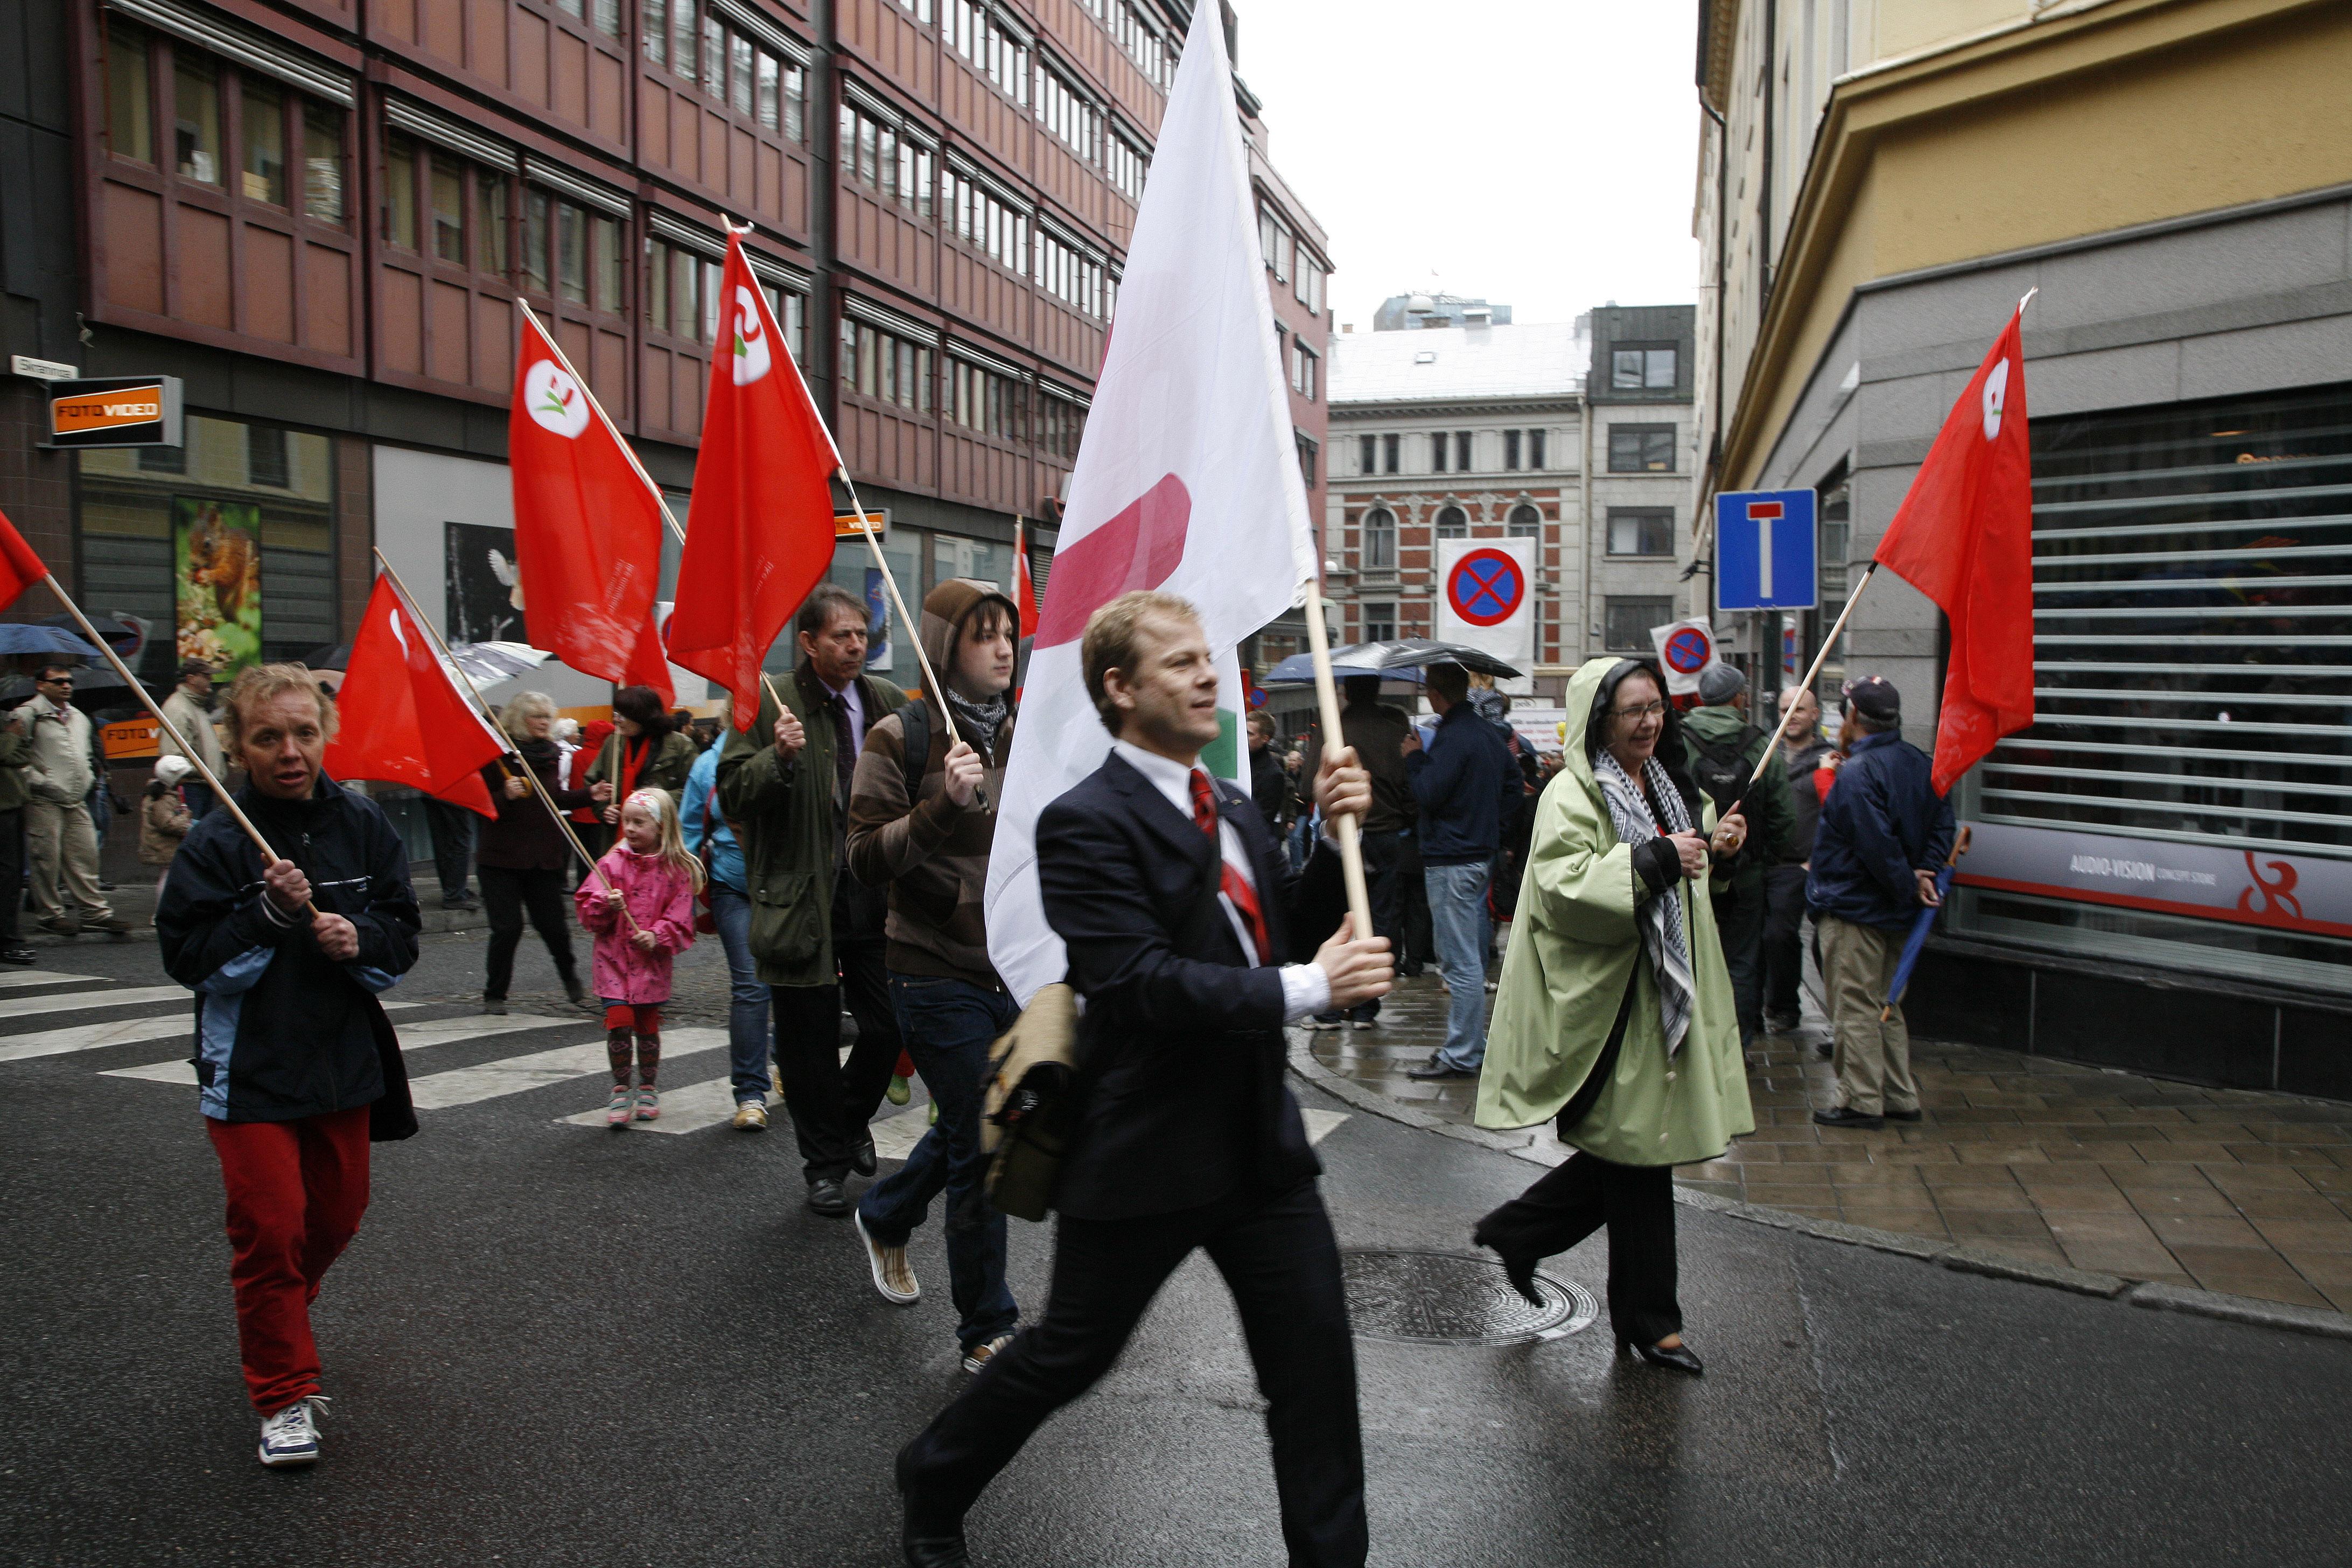 Heikki Holmås og andre frå SV i demonstrasjon. (Foto: Tore Netland/SV)